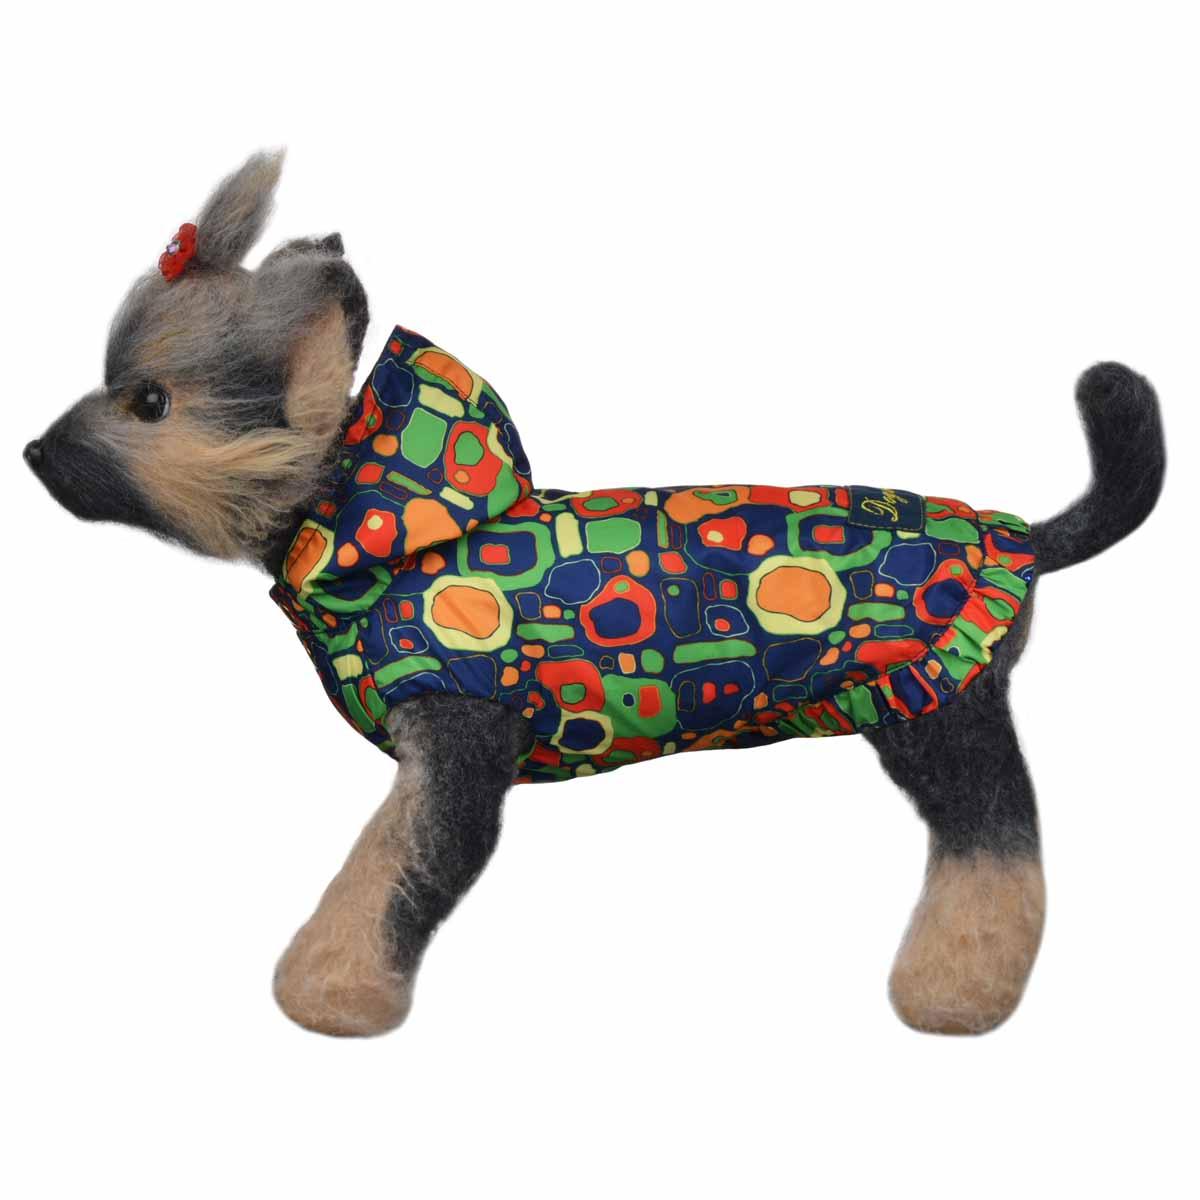 Dogmoda Ветровка для собак Сити-10120710Яркая, модная куртка для собаки. Выполнена из непромокаемой ткани, на хлопковой подкладке